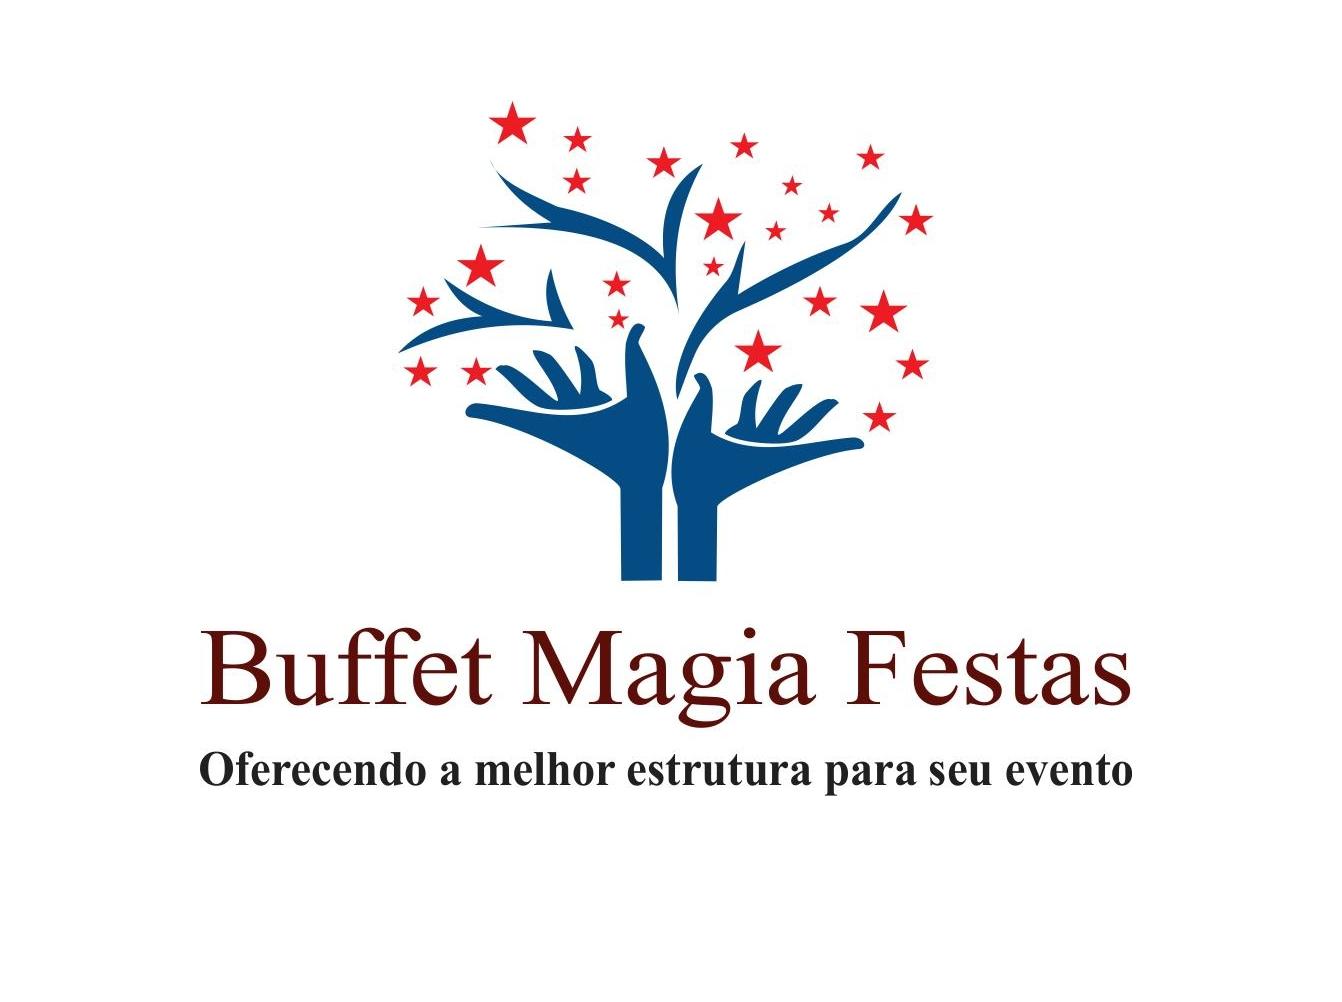 Buffet Magia Festas